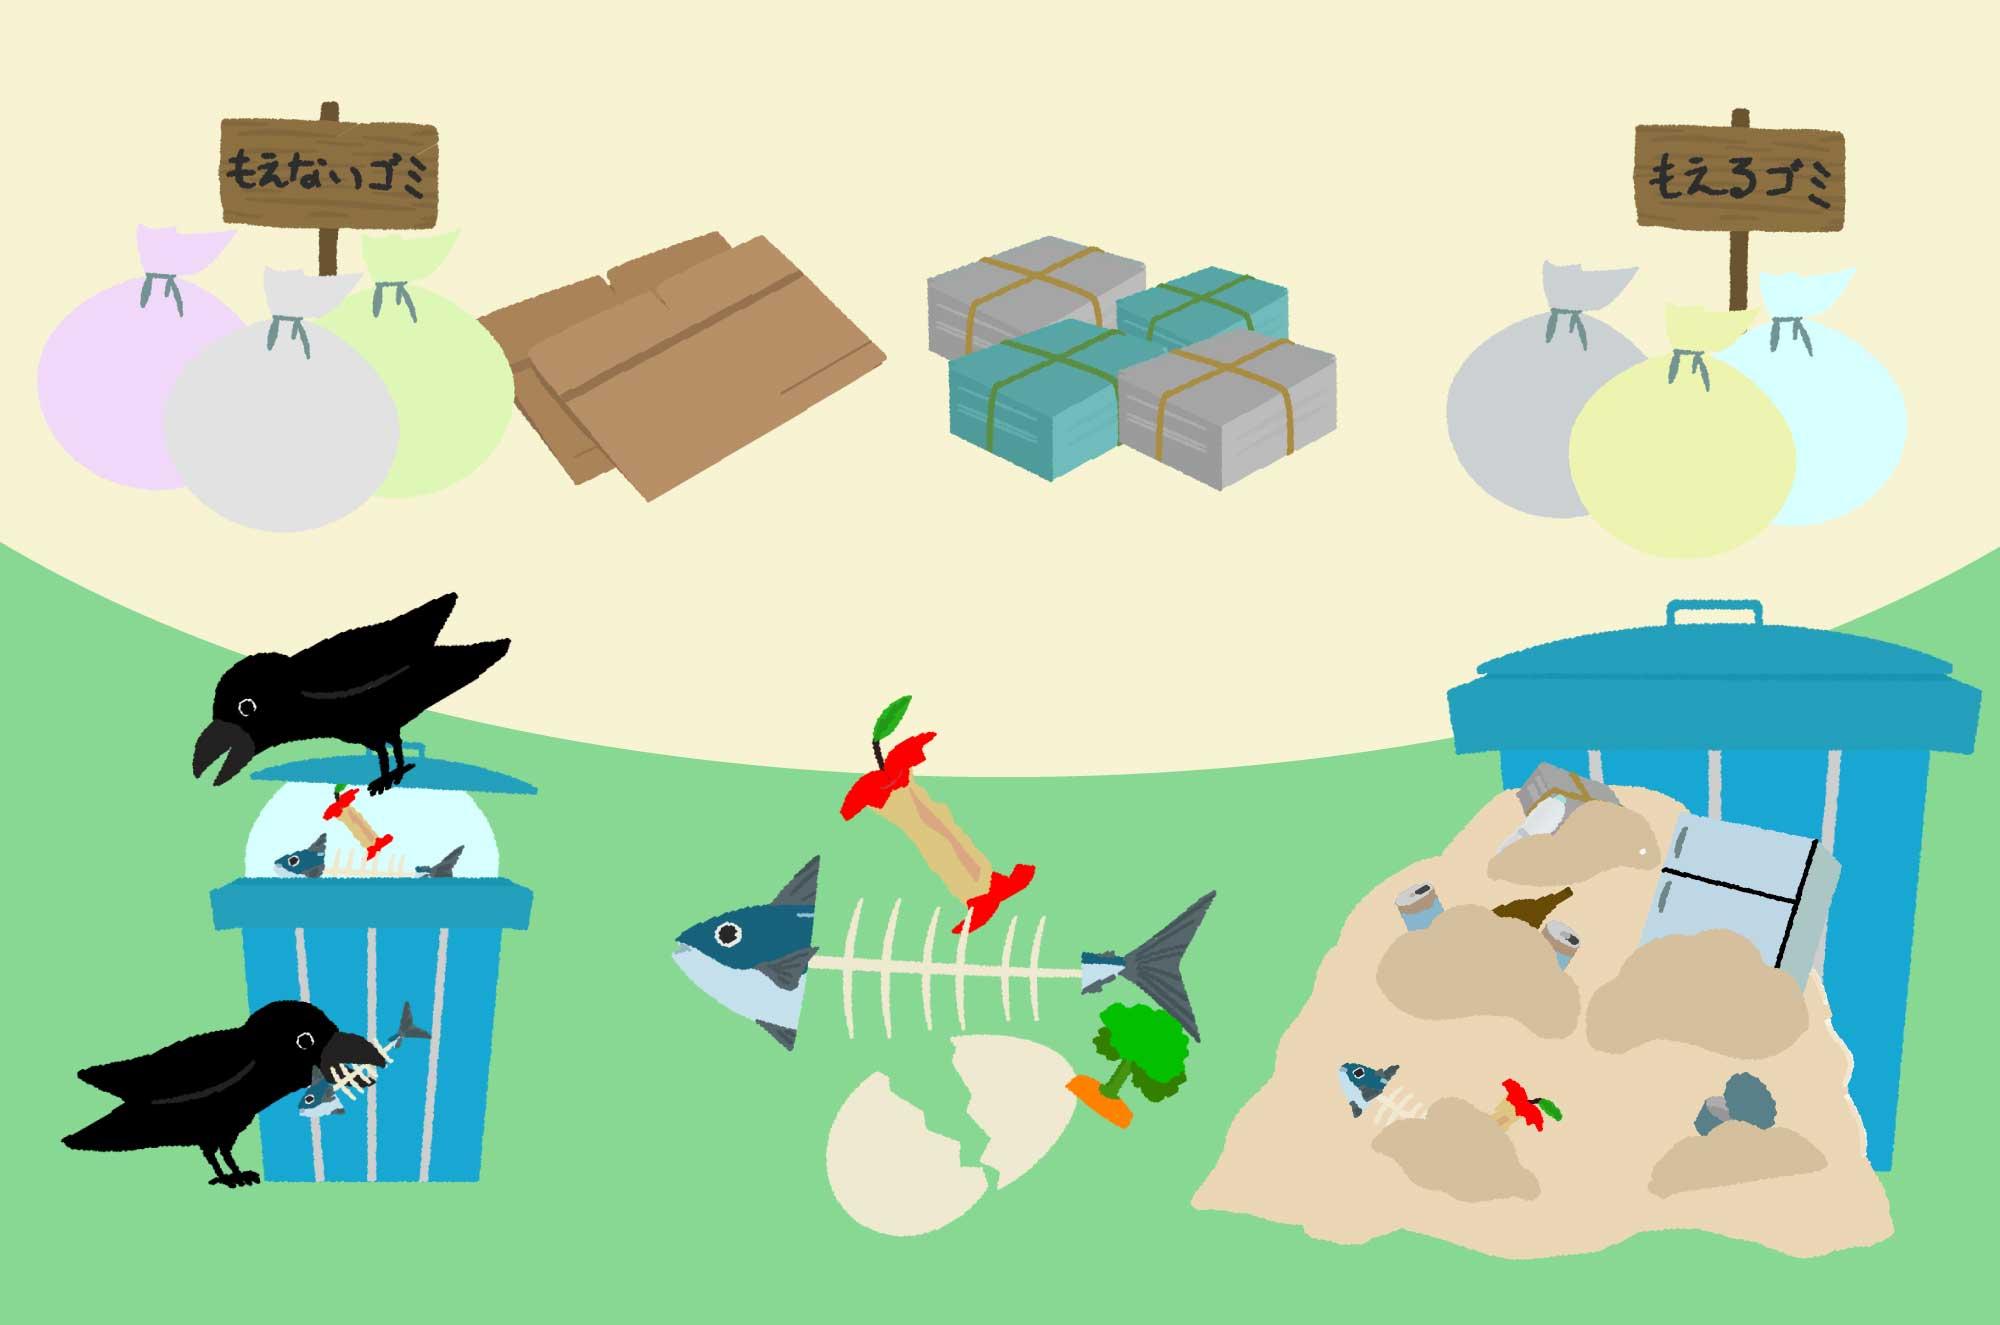 ゴミのイラスト - 可愛い分別のイメージ無料素材